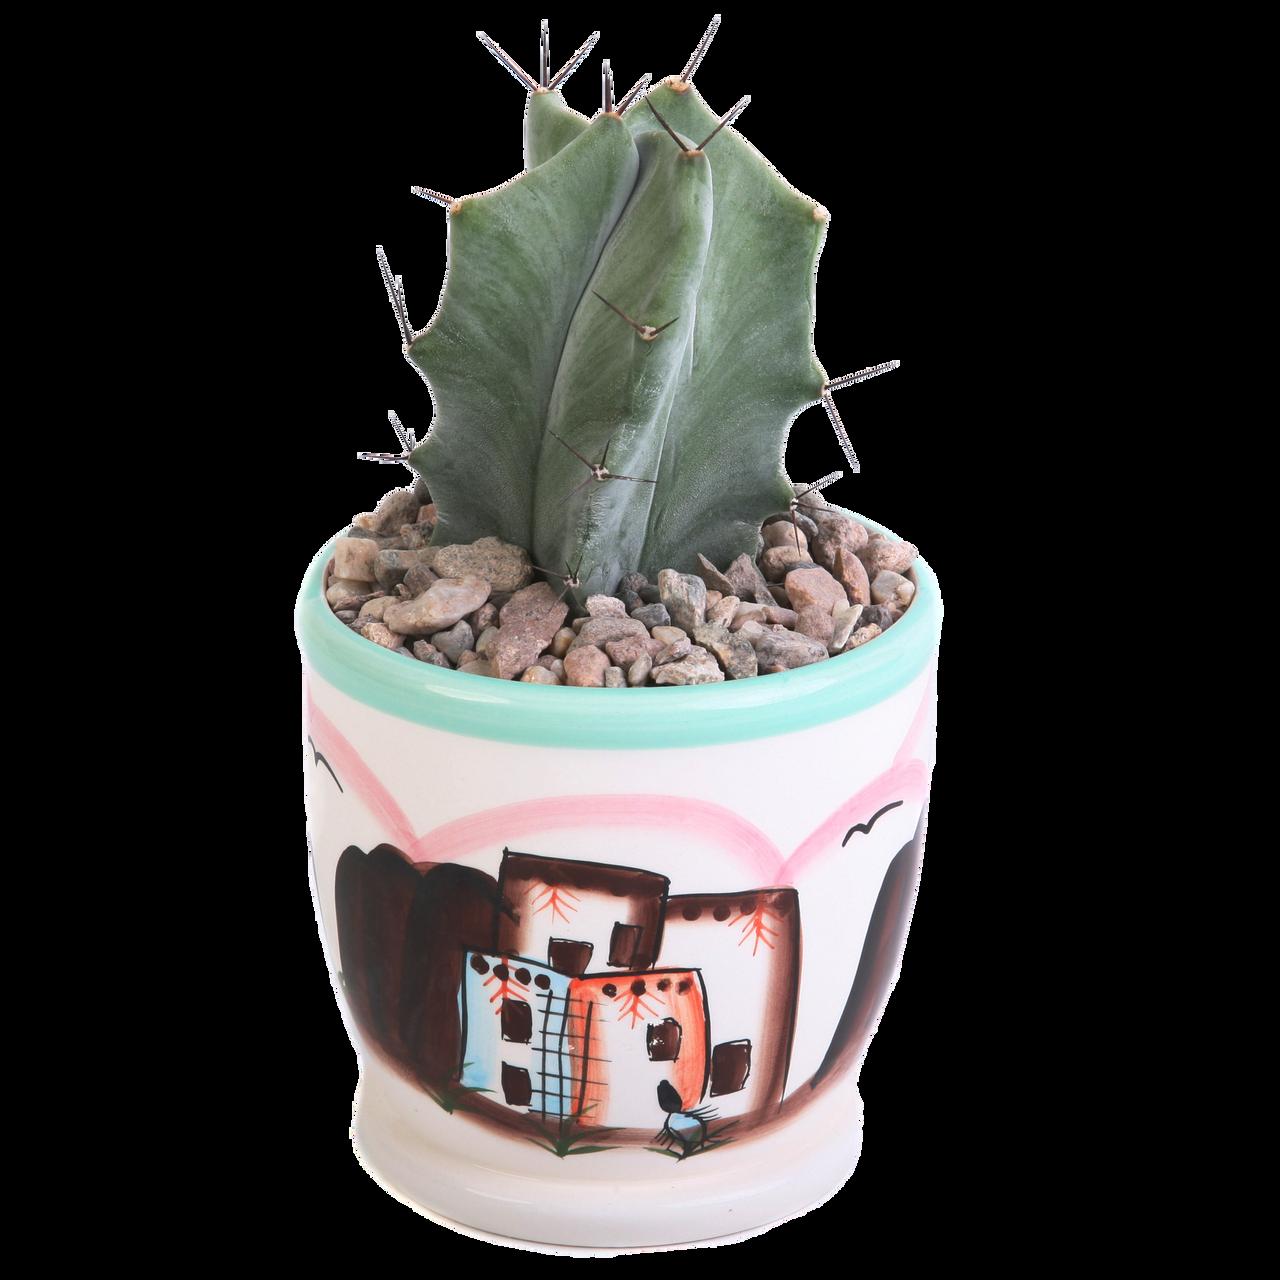 Cactus Cups - 2 inch